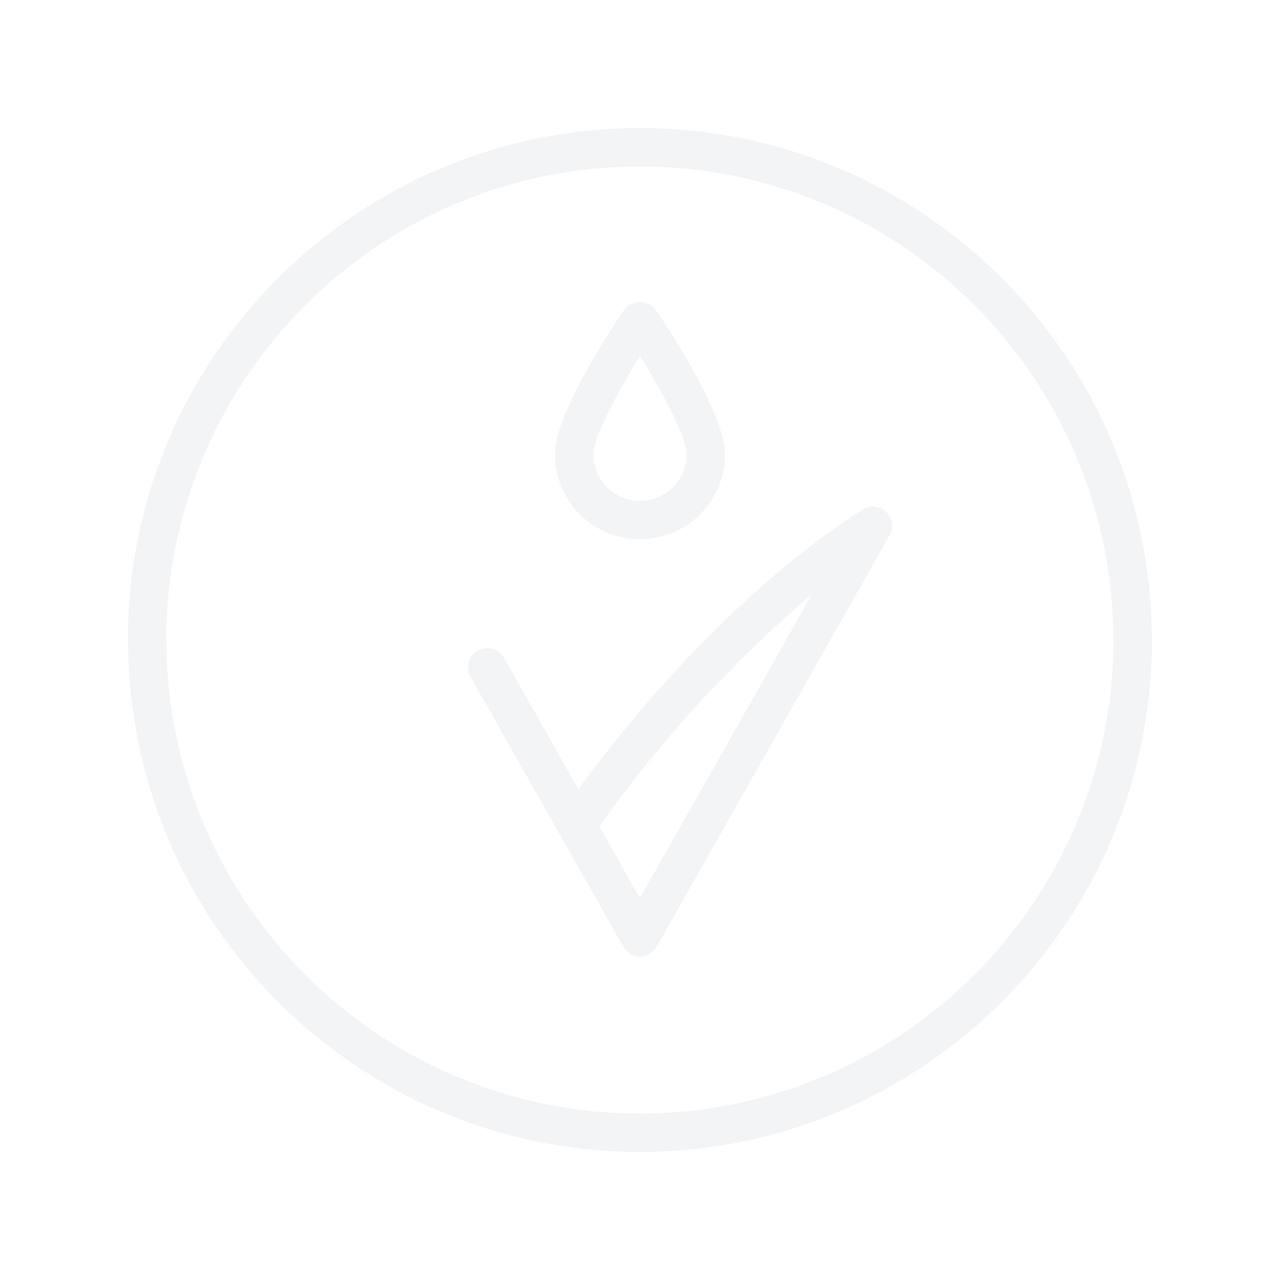 HUGO BOSS Bottled Tonic 100ml Eau De Toilette Gift Set  f98eebe5acb